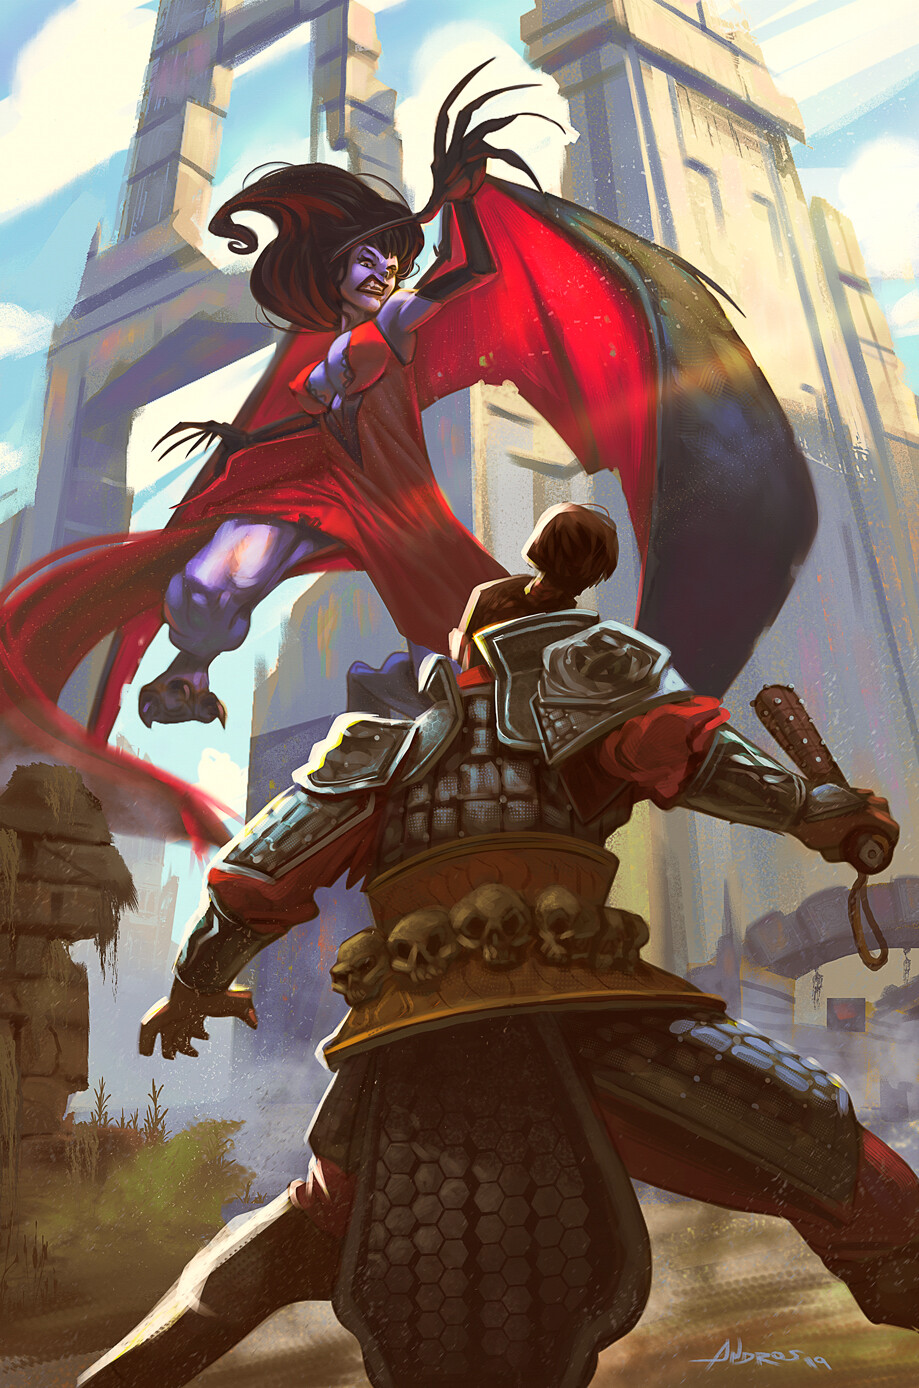 Lilith vs Bane